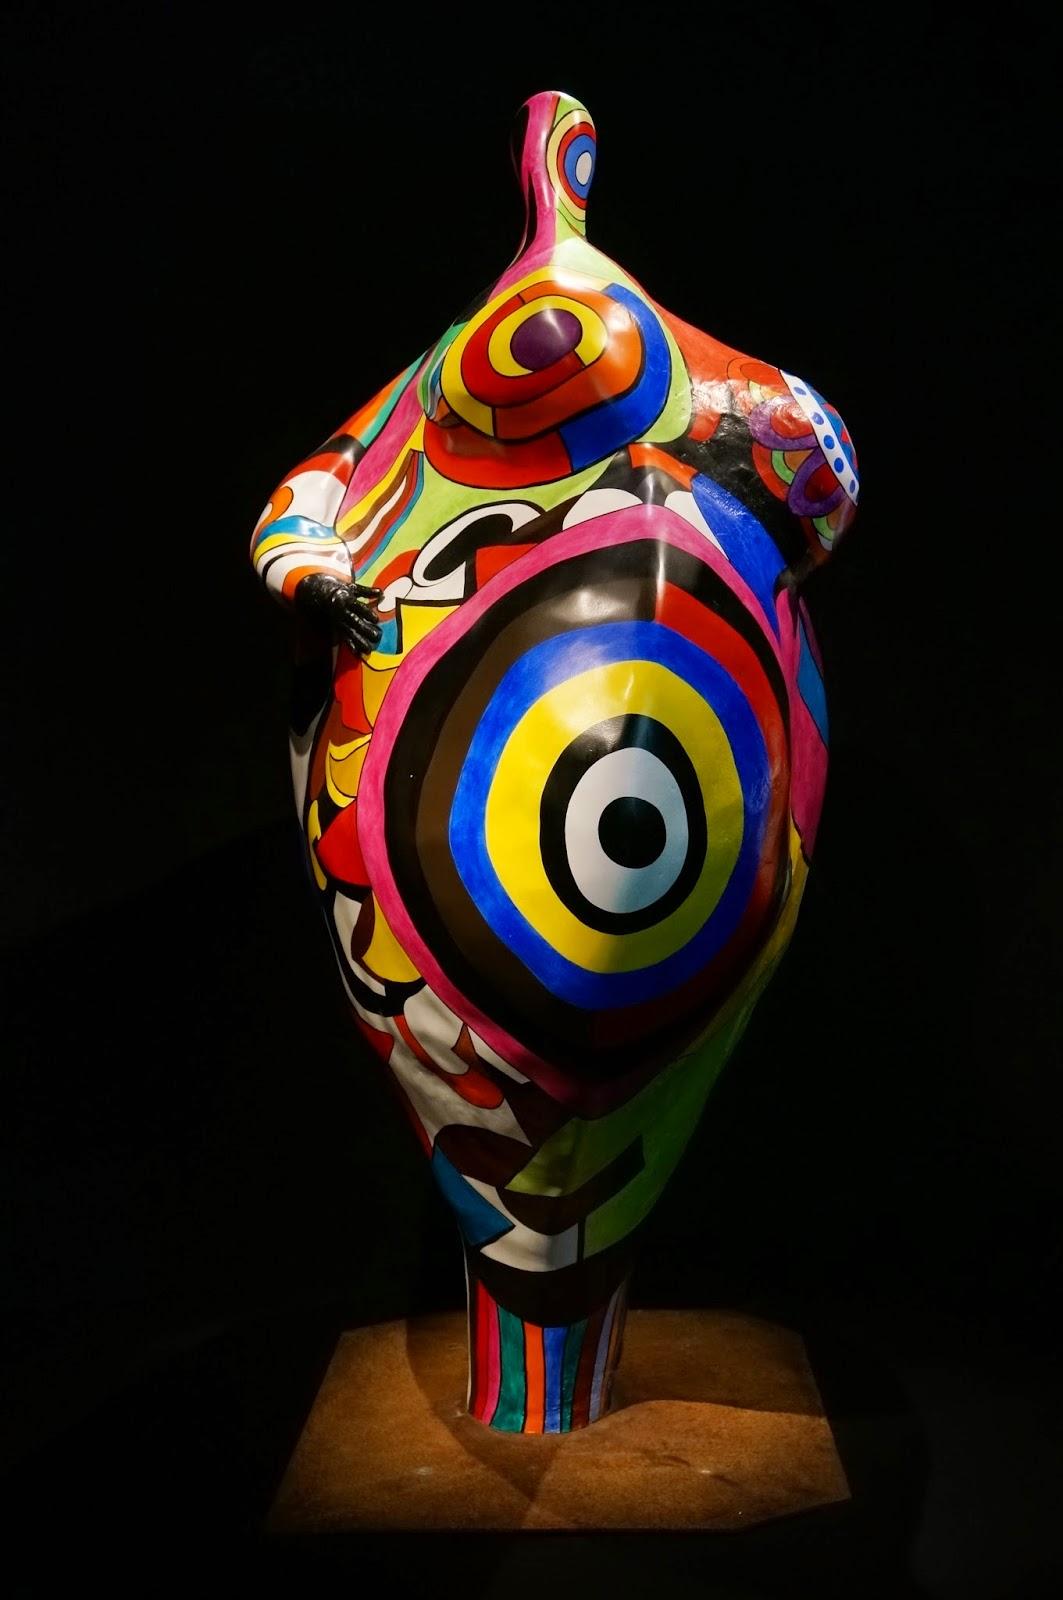 """Niki de Saint Phalle (1930-2002) est l'une des artistes les plus populaires du milieu du XXe siècle, à la fois plasticienne, peintre, sculptrice et réalisatrice de films. Si elle est surtout connue du grand public pour ses célèbres « Nanas », son oeuvre s'impose aussi par son engagement politique et féministe et par sa radicalité.    """"Accouchement blanc ou Ghéa"""", 1964 """"Leto ou la crucifixion"""", 1965 King Kong"""", 1963 daddy la promenade du dimanche """"Autel noire et blanc"""", 1962  «Je n'ai jamais tiré sur Dieu (...), je tire sur l'Eglise»   la toilette le reve de diane daddy"""